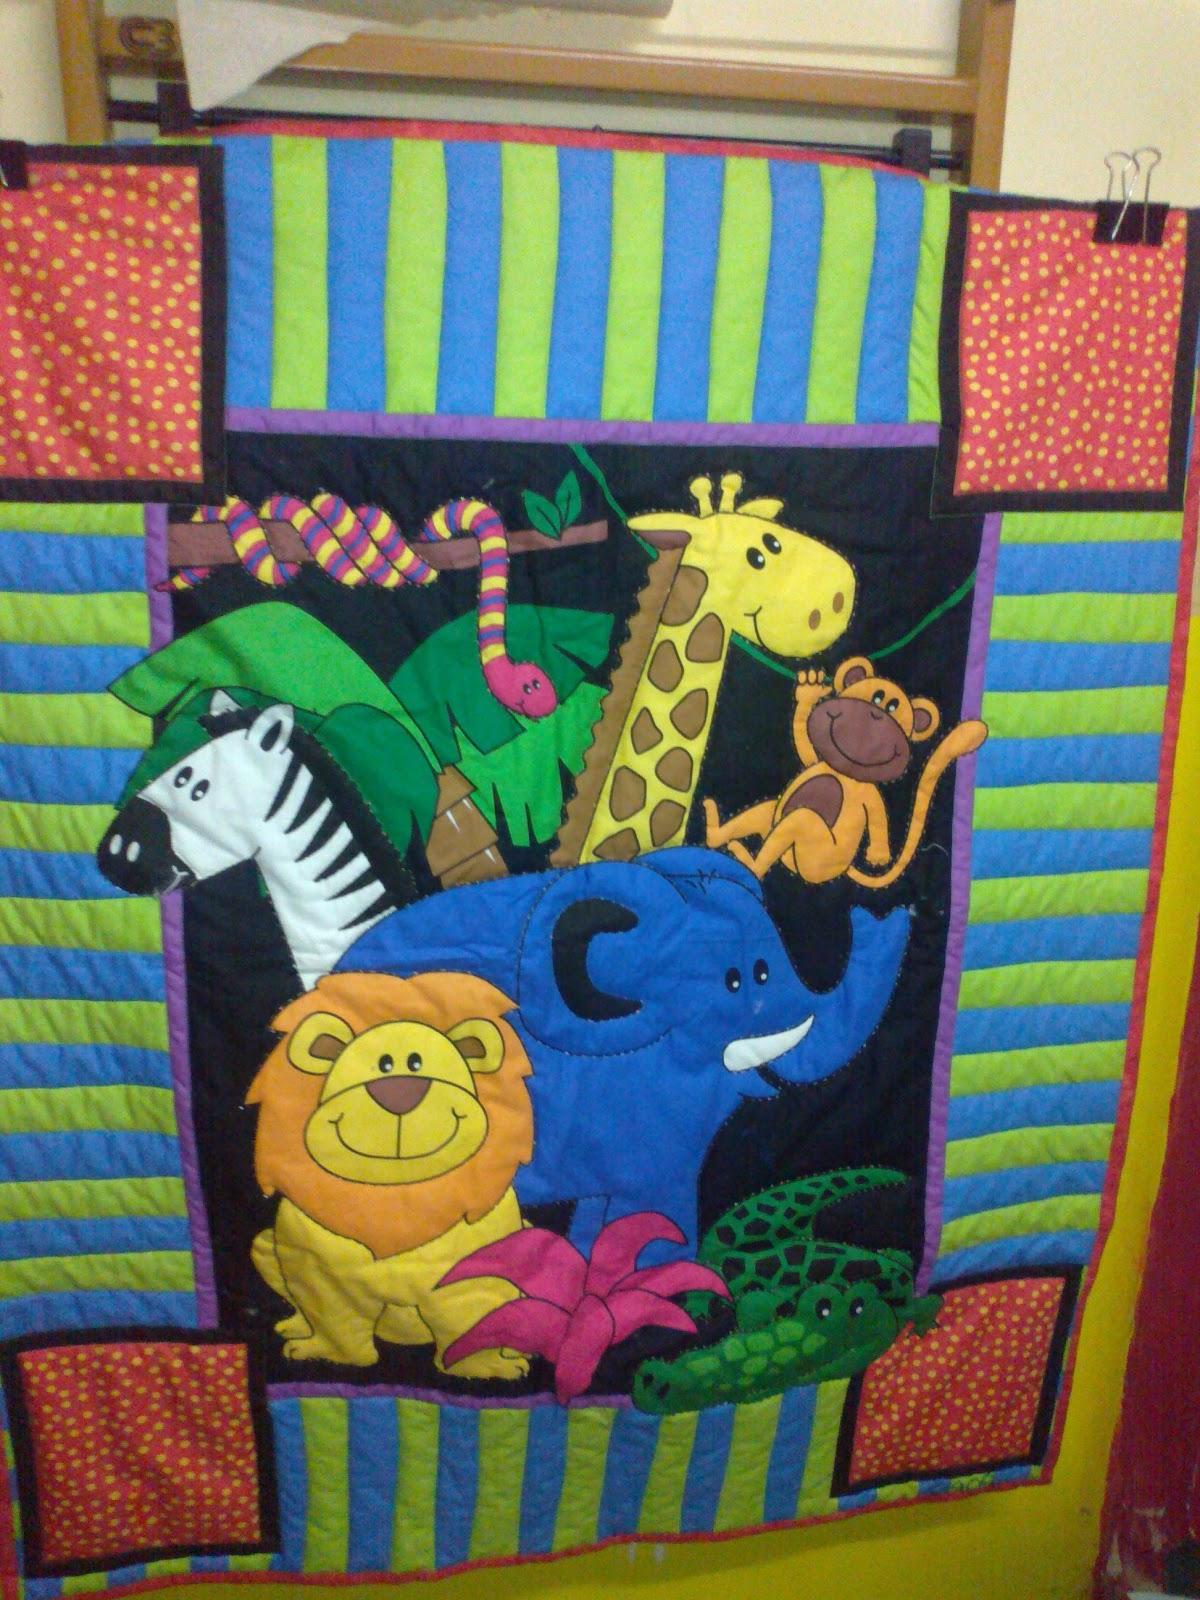 Ca ticos del patchwork colchas para beb s - Patrones para colchas de patchwork ...